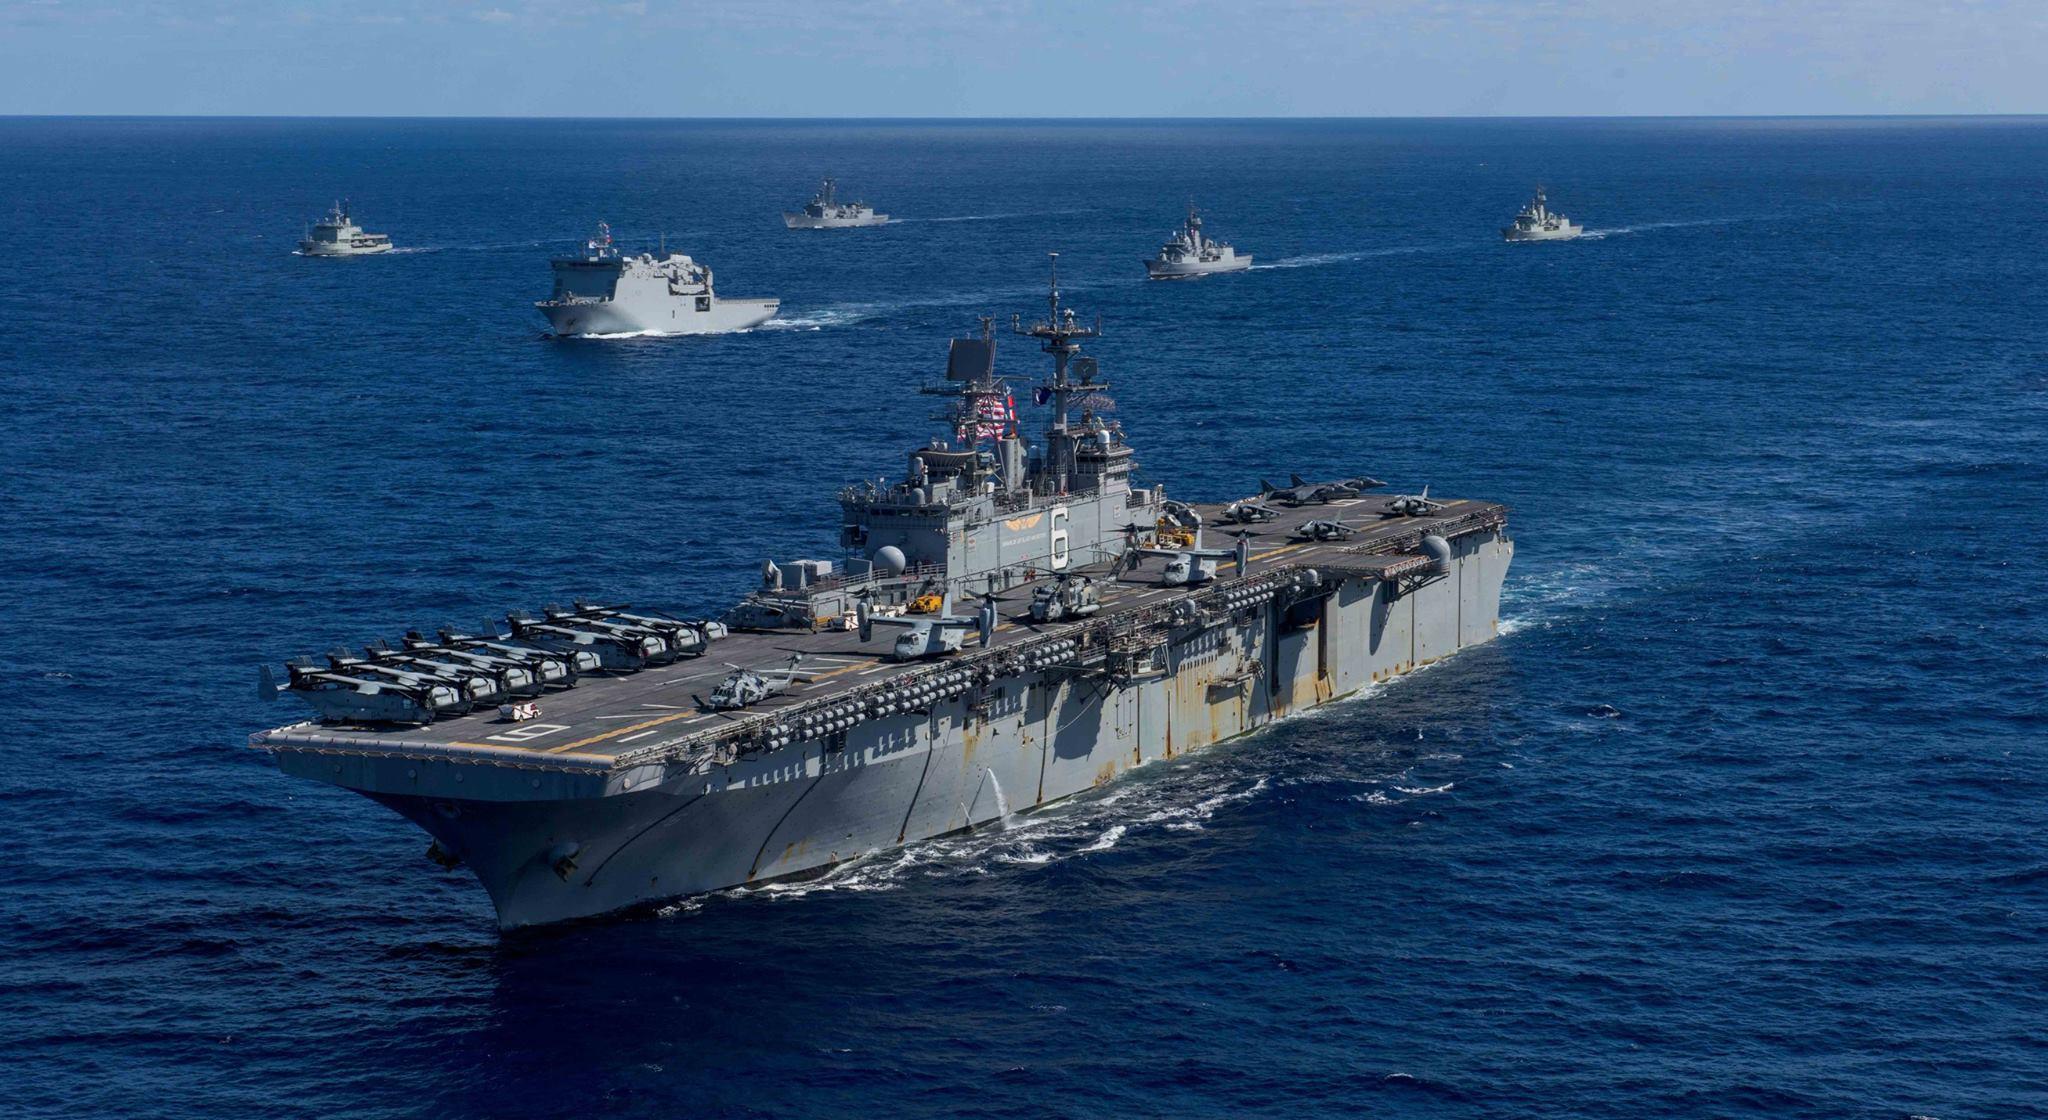 直升機兩棲攻擊登陸艦。(Facebook圖片)